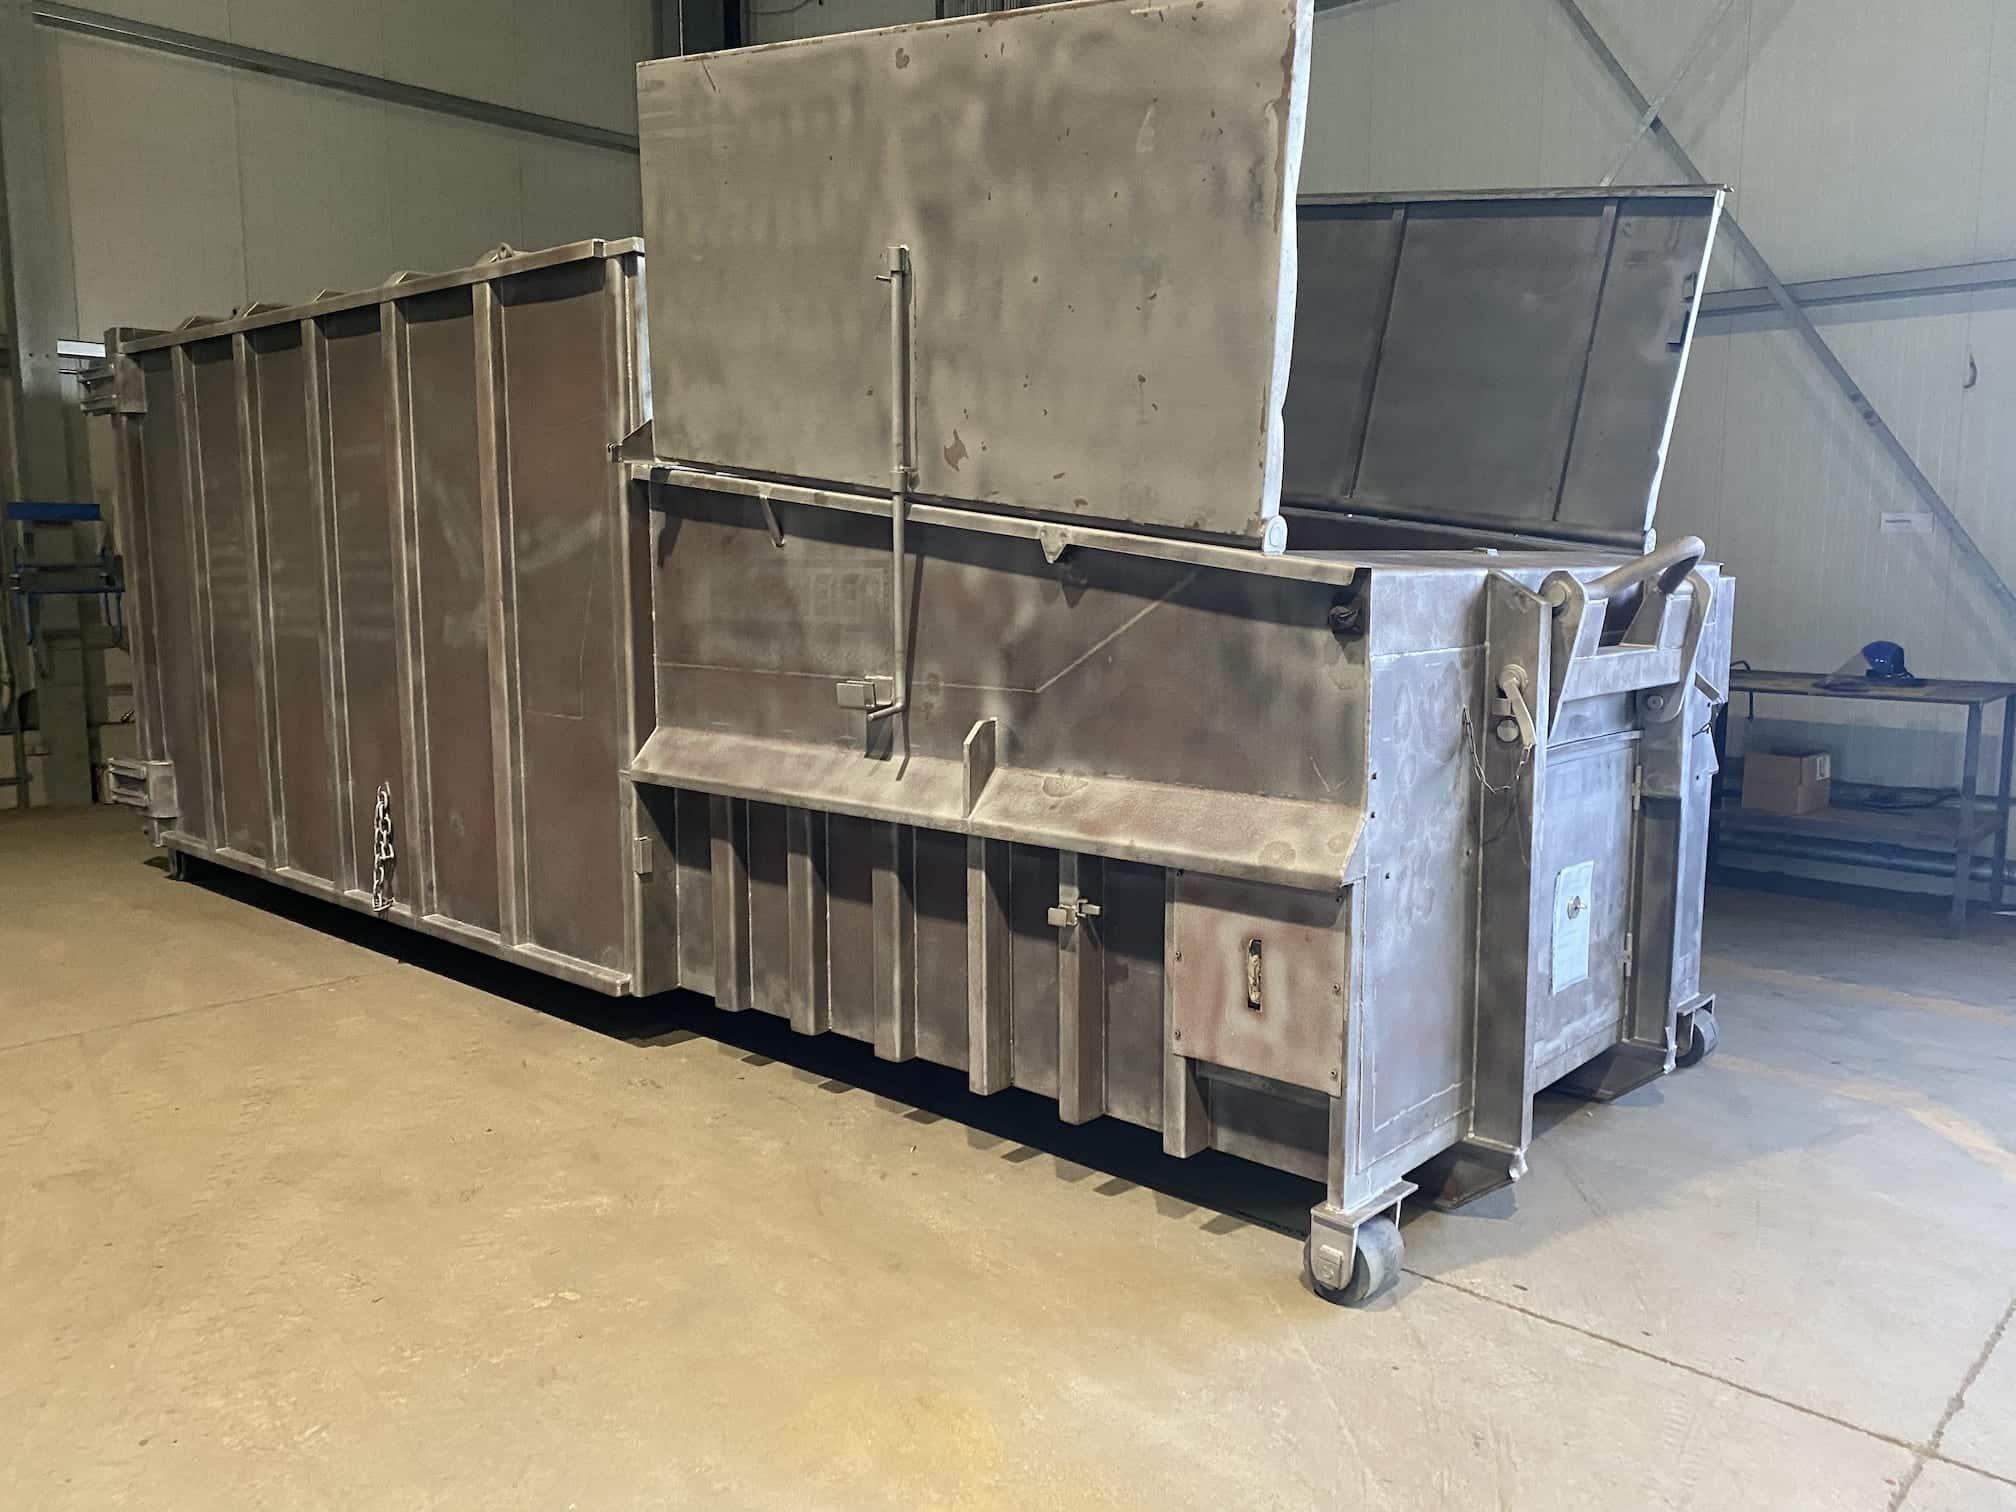 gestrahlter Presscontainer 2 - Sandstrahlen von Presscontainern, Silos, Wechselbrücken und Stahlbauteilen